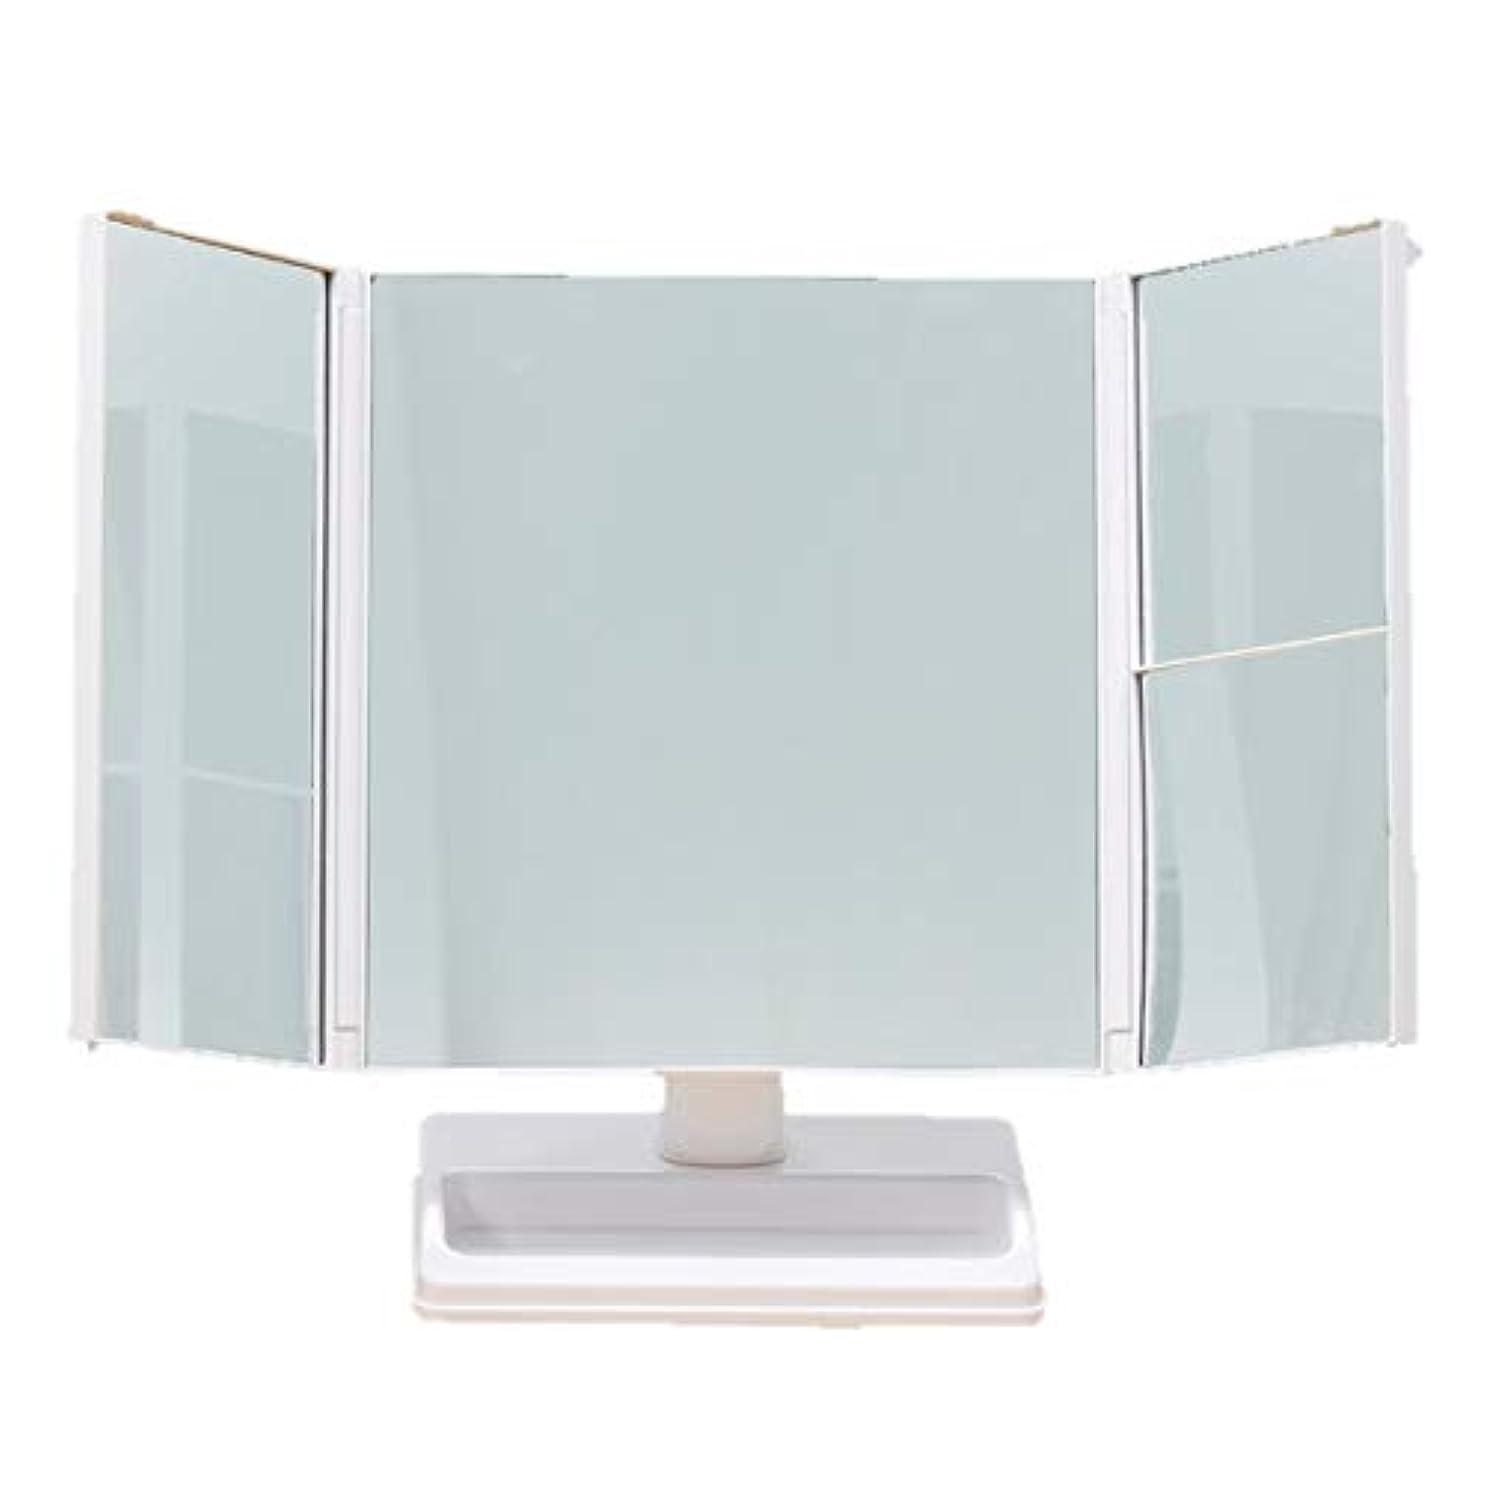 繁雑実際に合理的テーブルで使う拡大鏡付三面ミラー 台座部トレー 360度 回転 卓上ミラー 三面鏡 拡大鏡 化粧鏡 スタンドミラー メイク ヘアアレンジ 頭頂部 チェック